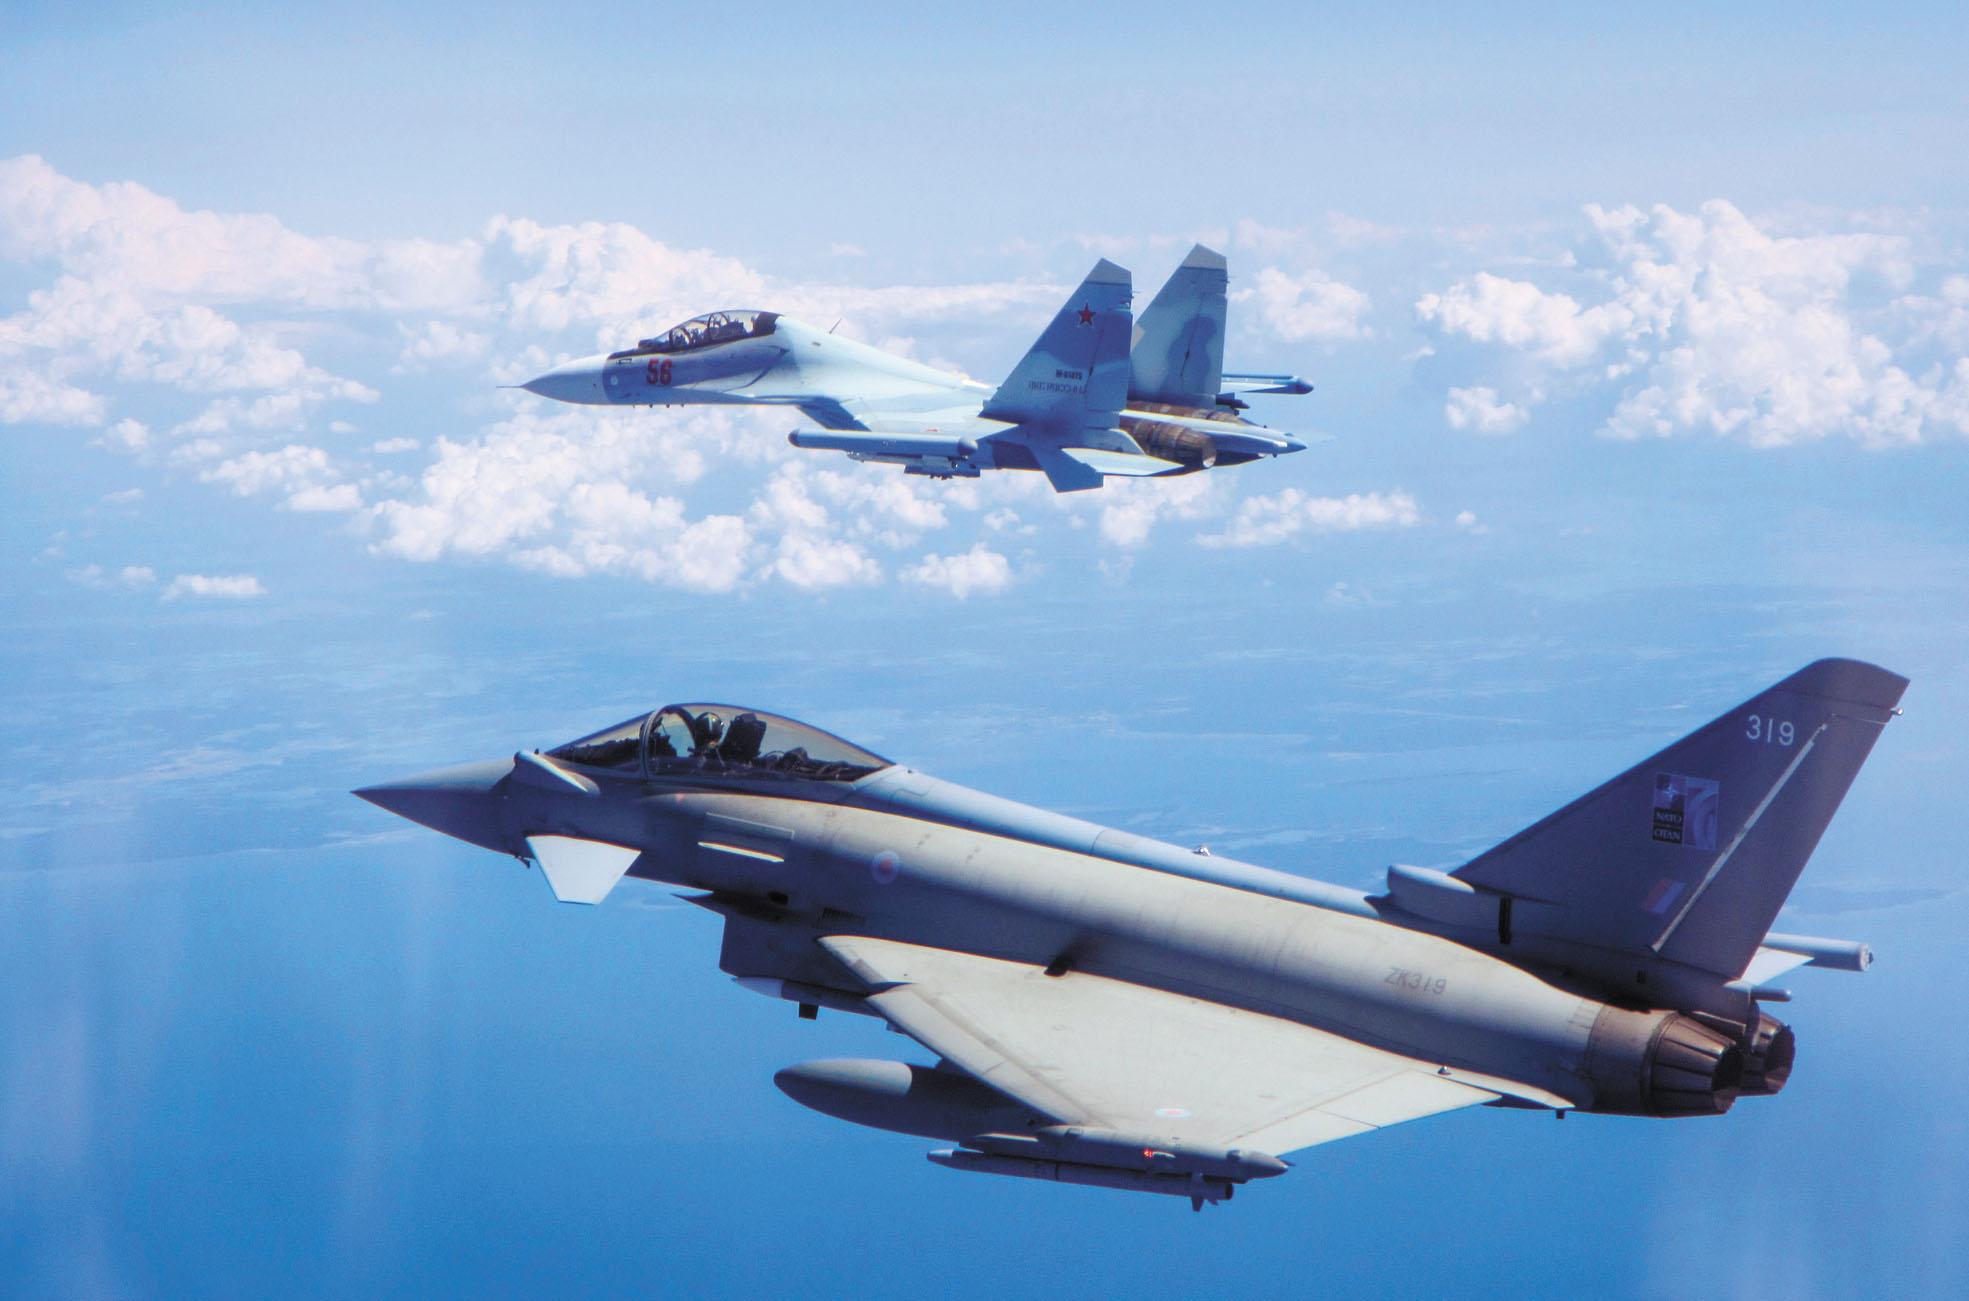 參與《開放天空條約》的國家須允許成員國在其他國領土上進行規定數量的非武裝空中偵察,但這並非無條件地允許飛行。圖為在波羅的海上空巡邏的一架英國皇家空軍颱風式戰機(下)攔截一架俄羅斯蘇-30戰機。美聯社資料圖片